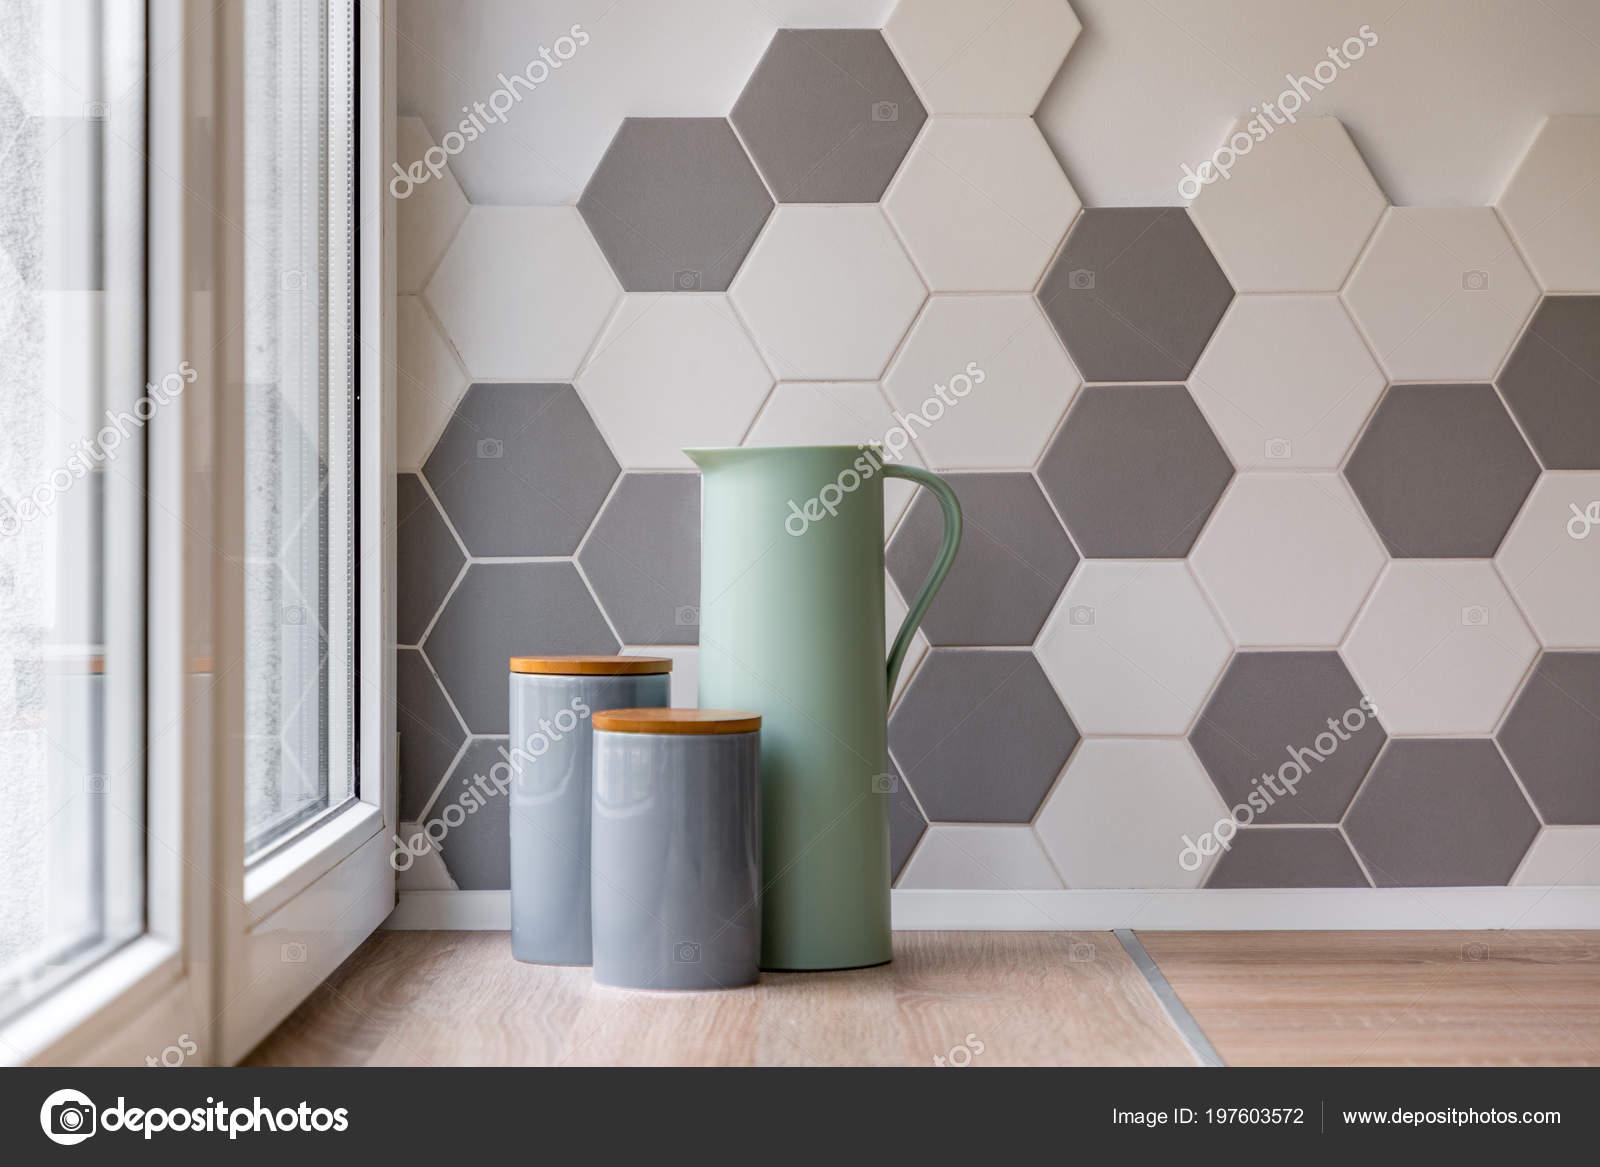 Tegels Keuken Scandinavisch : Close van keramische verpakkingen kruik hexagon tegels keuken